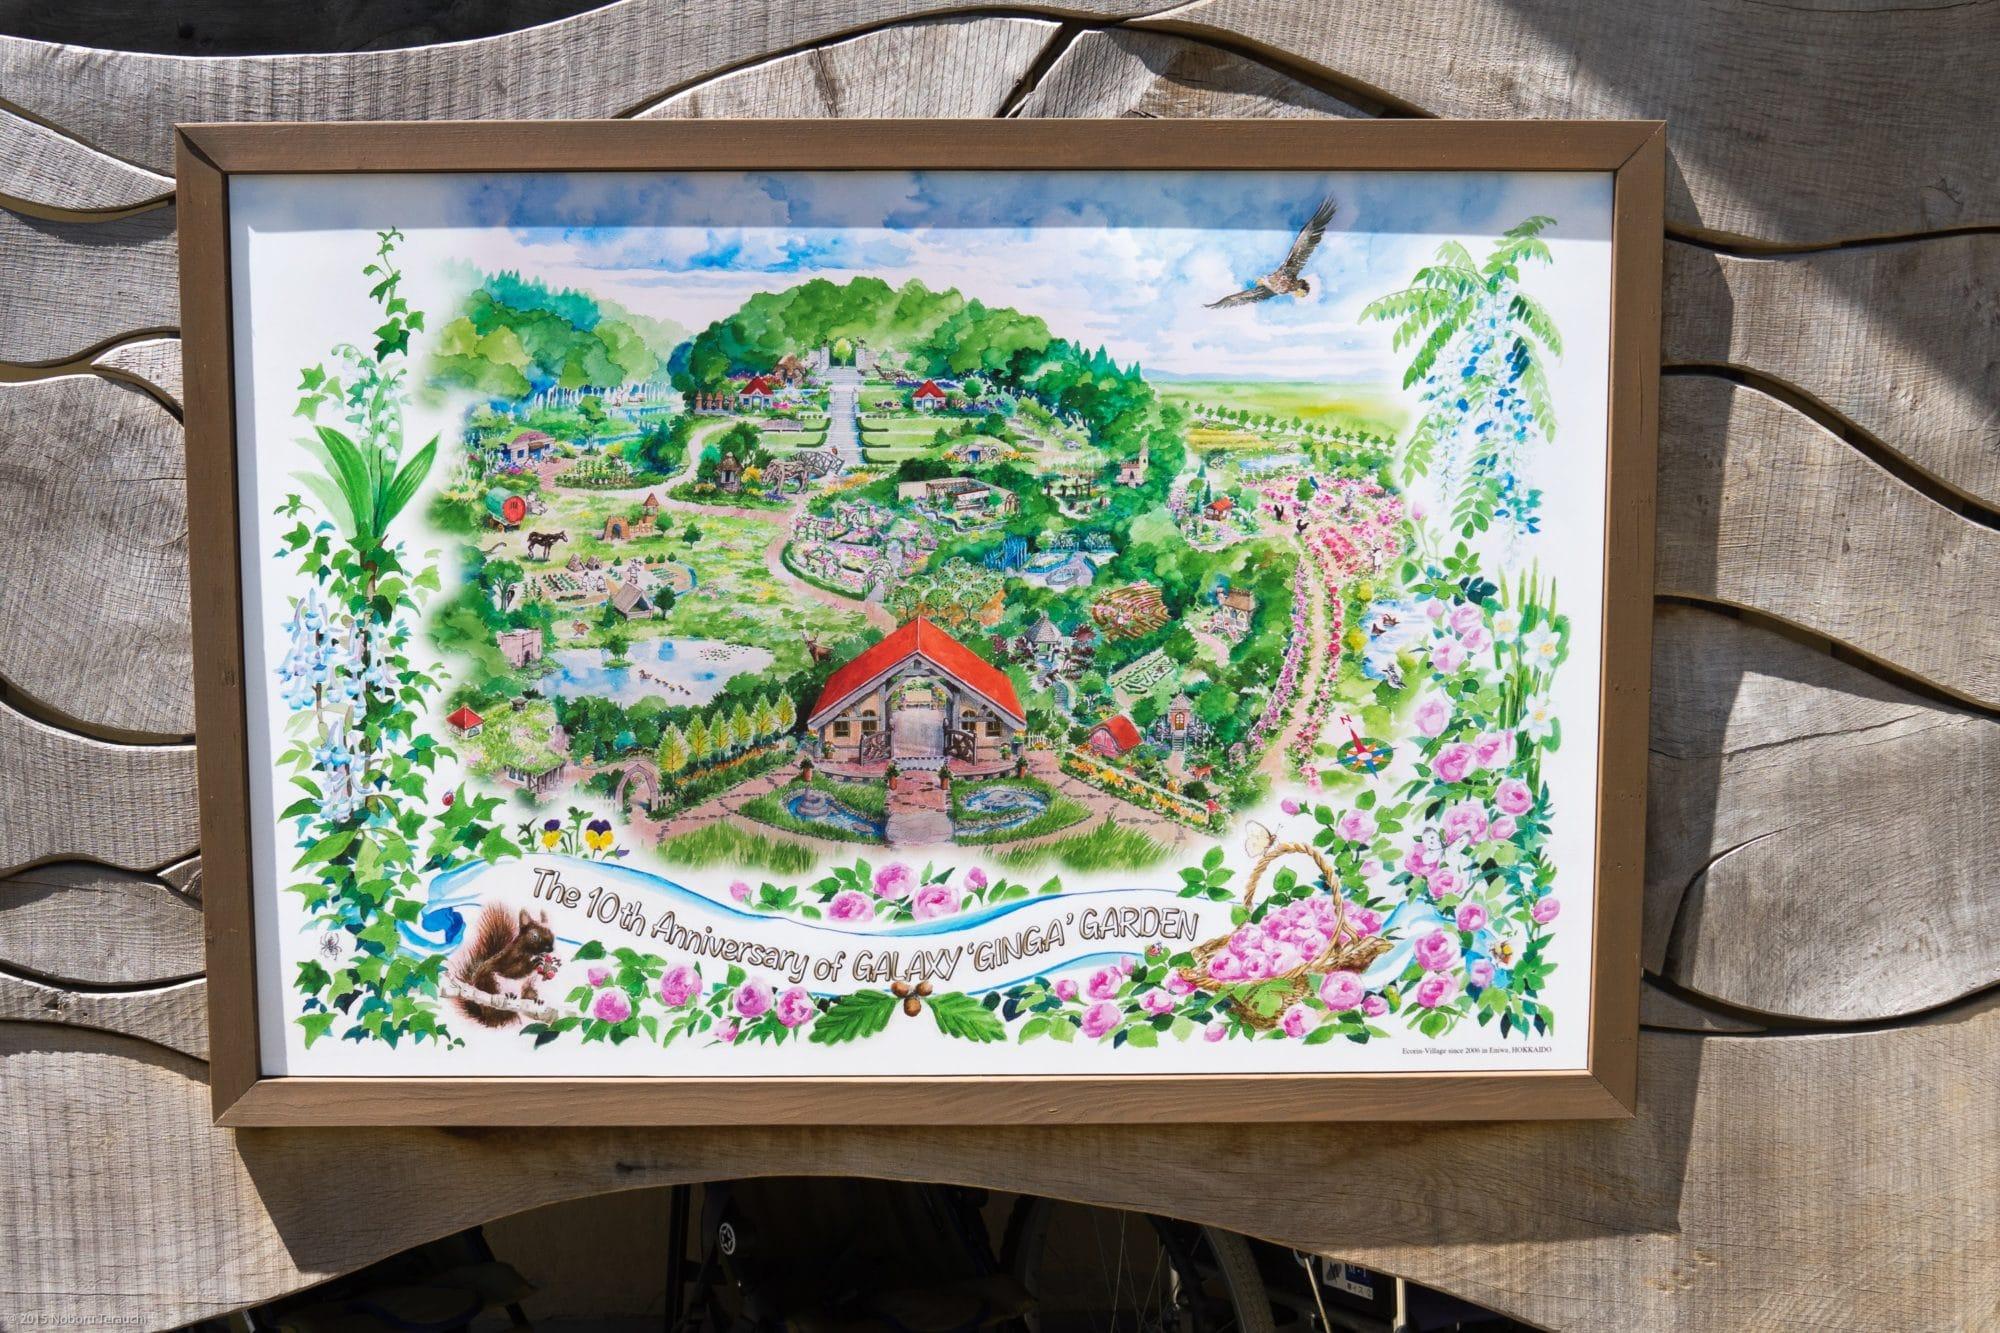 銀河庭園@えこりん村(恵庭市)はファンタジーな森の庭園